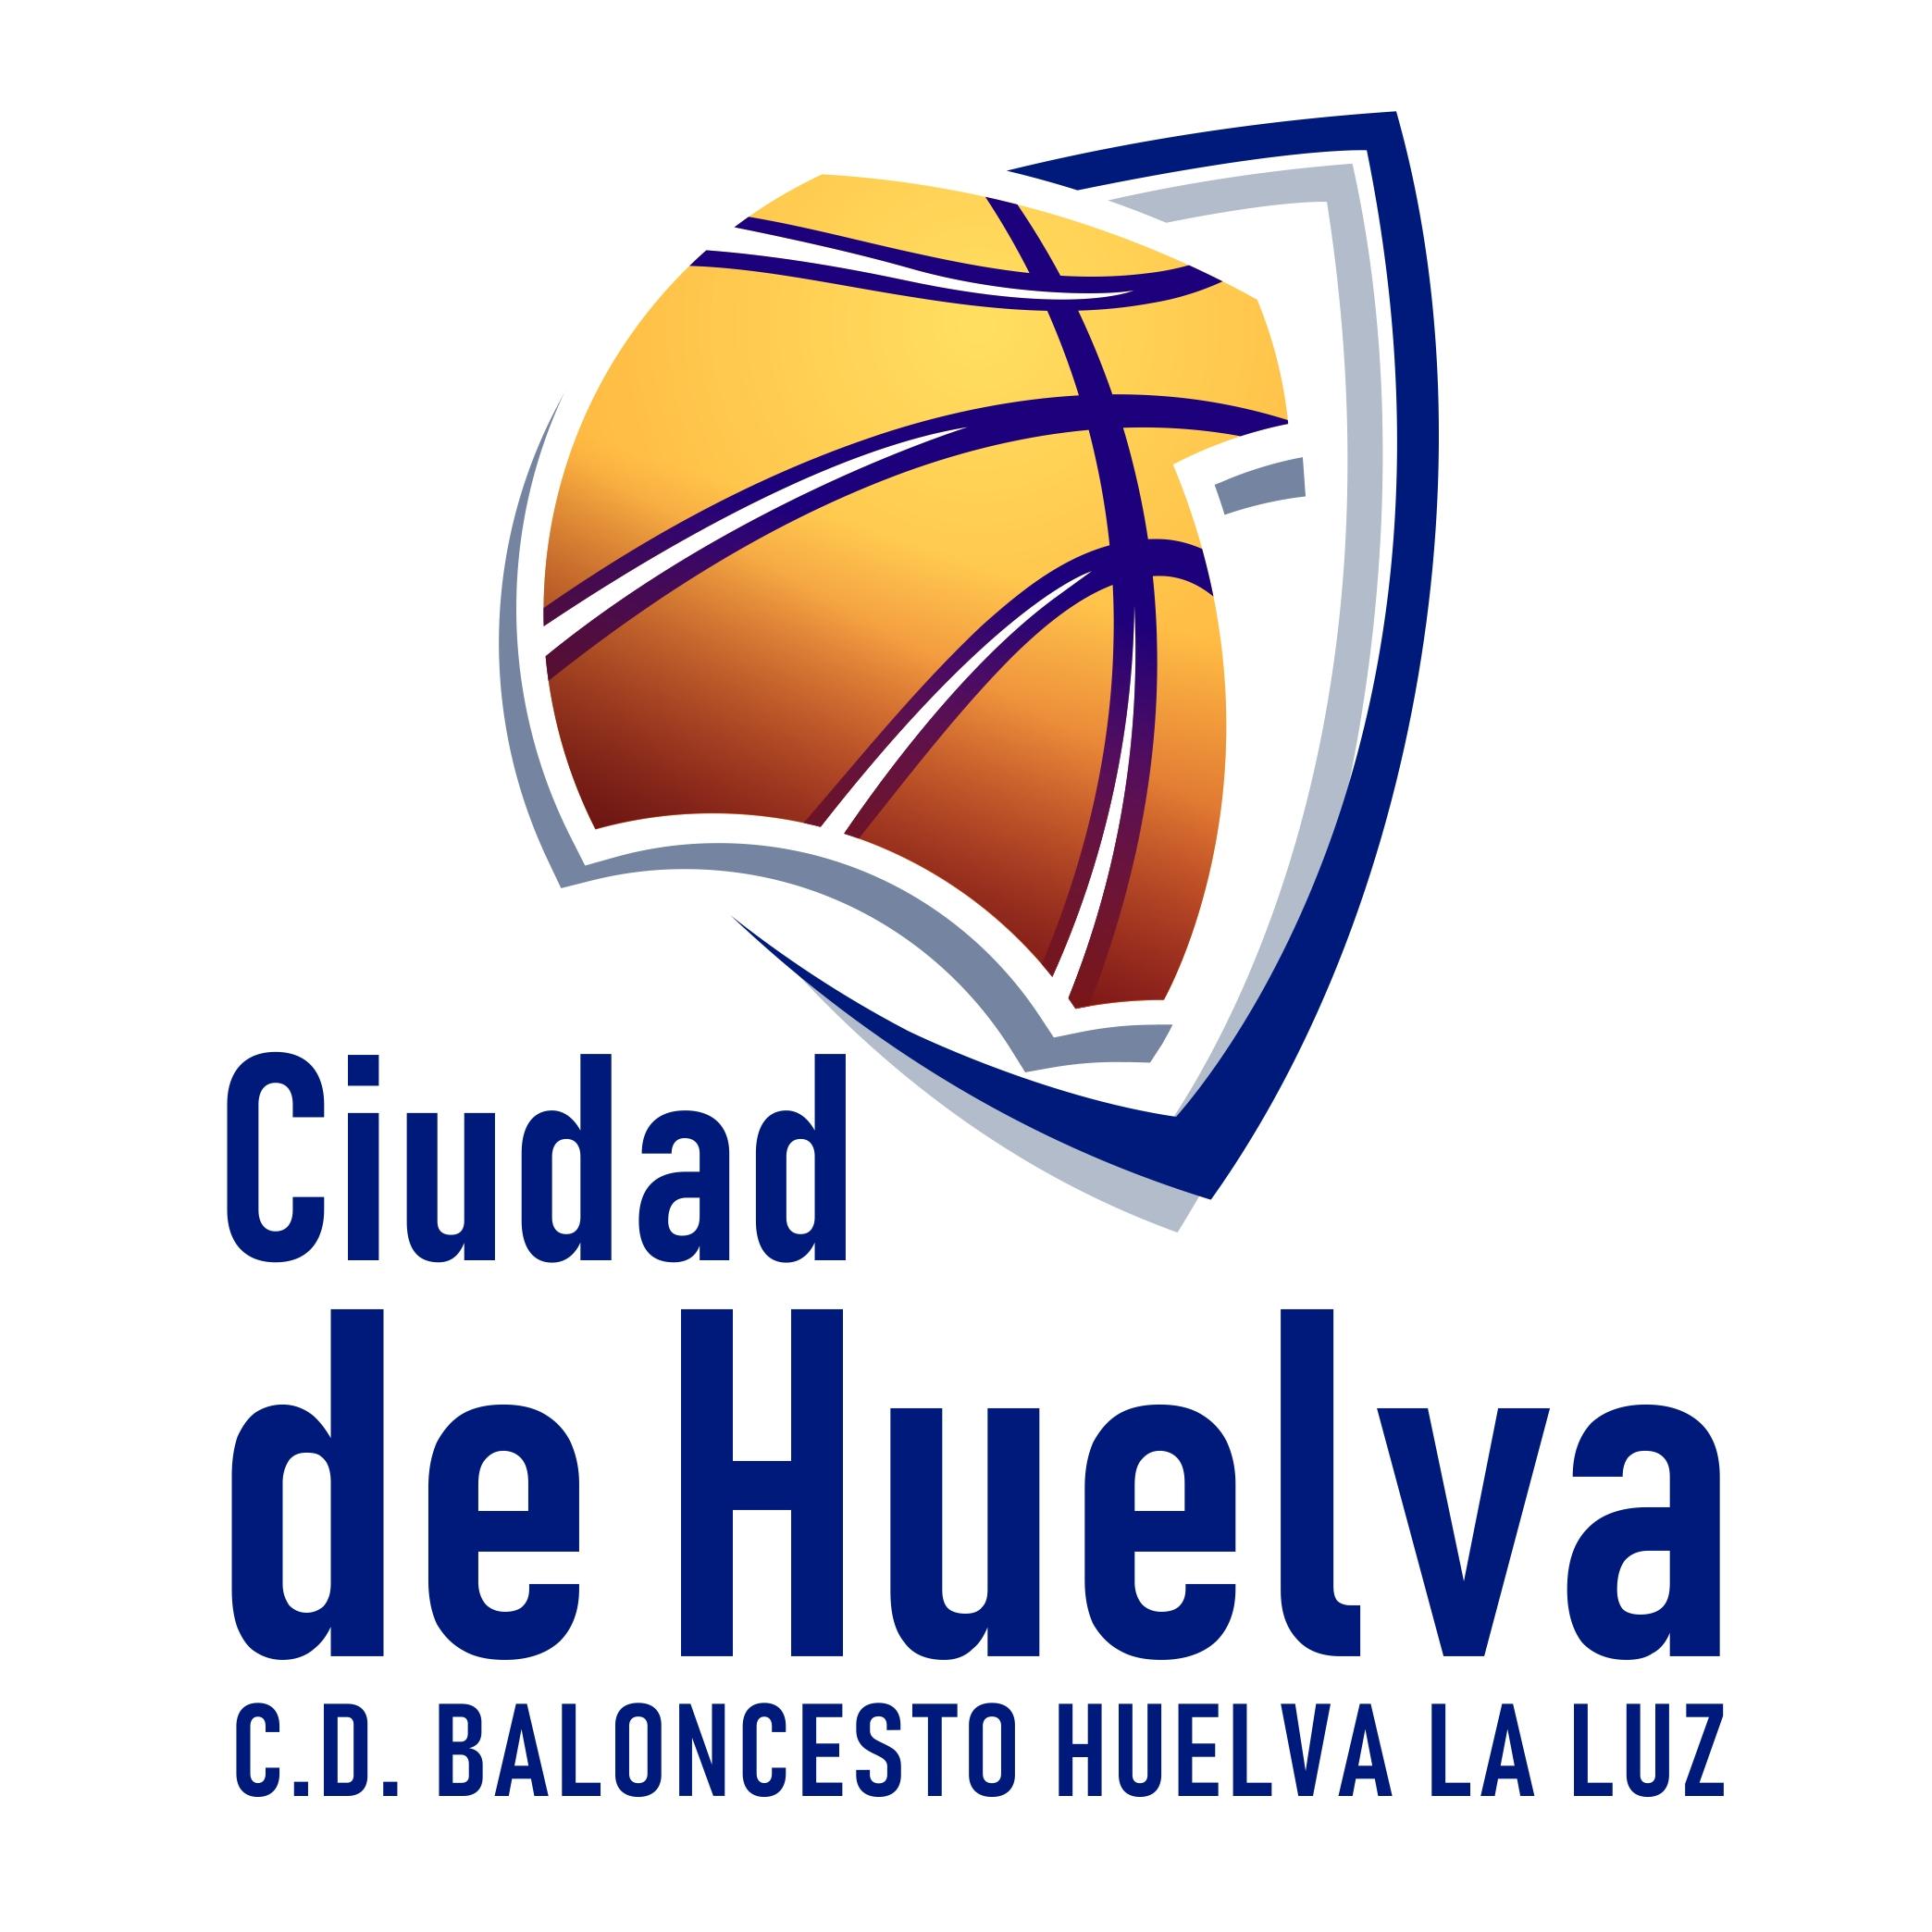 CD Baloncesto Huelva la Luz